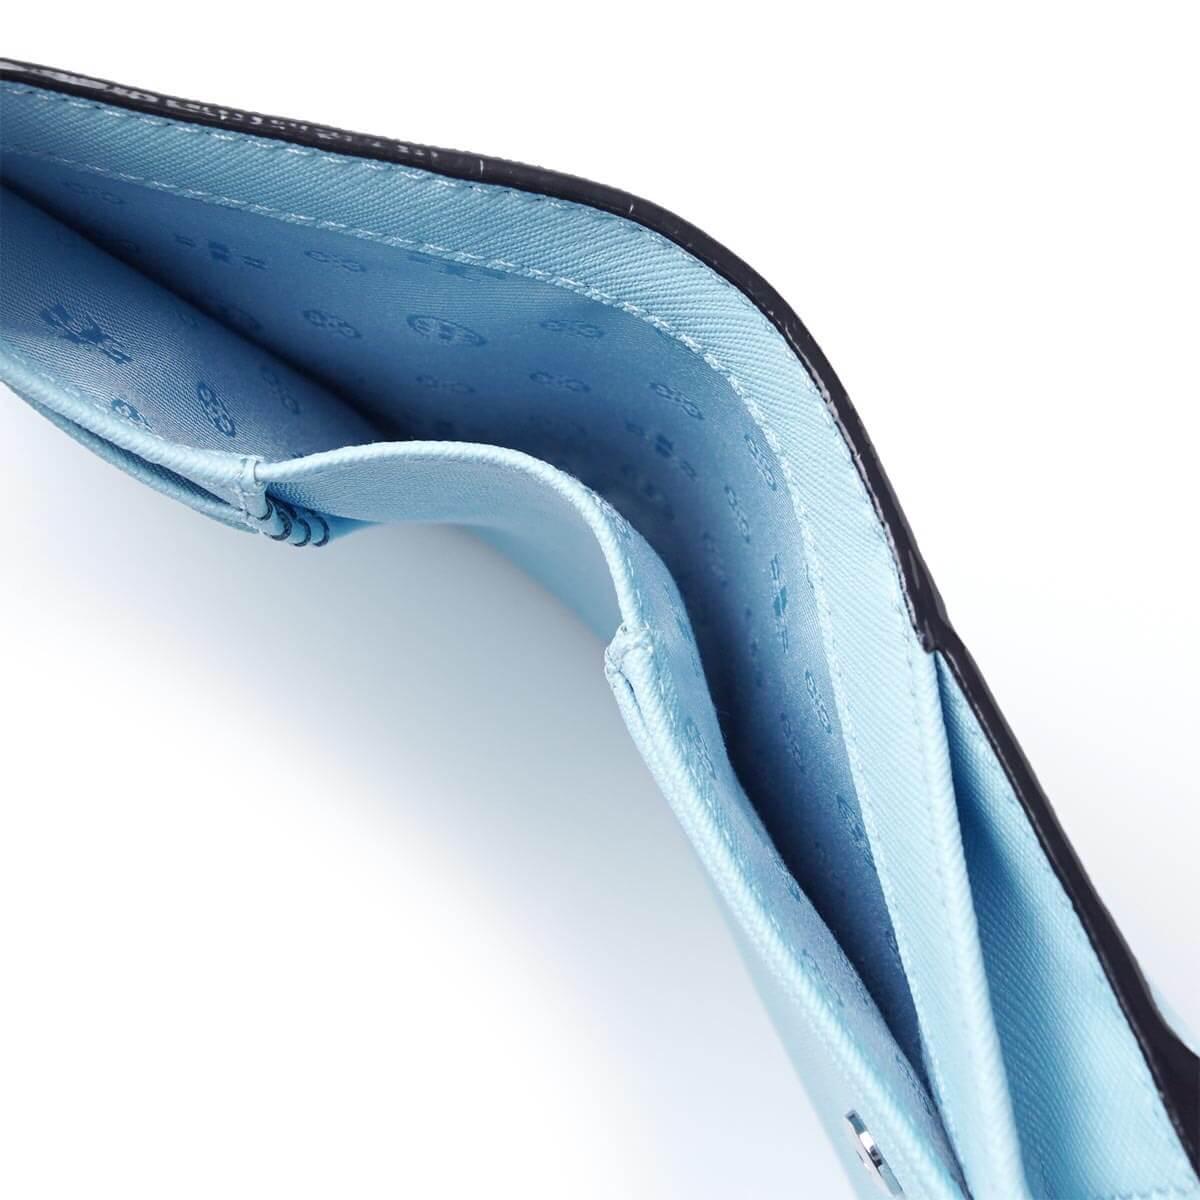 【Tory Burch】防刮簡約設計大容量中夾(黑/粉/藍) 2